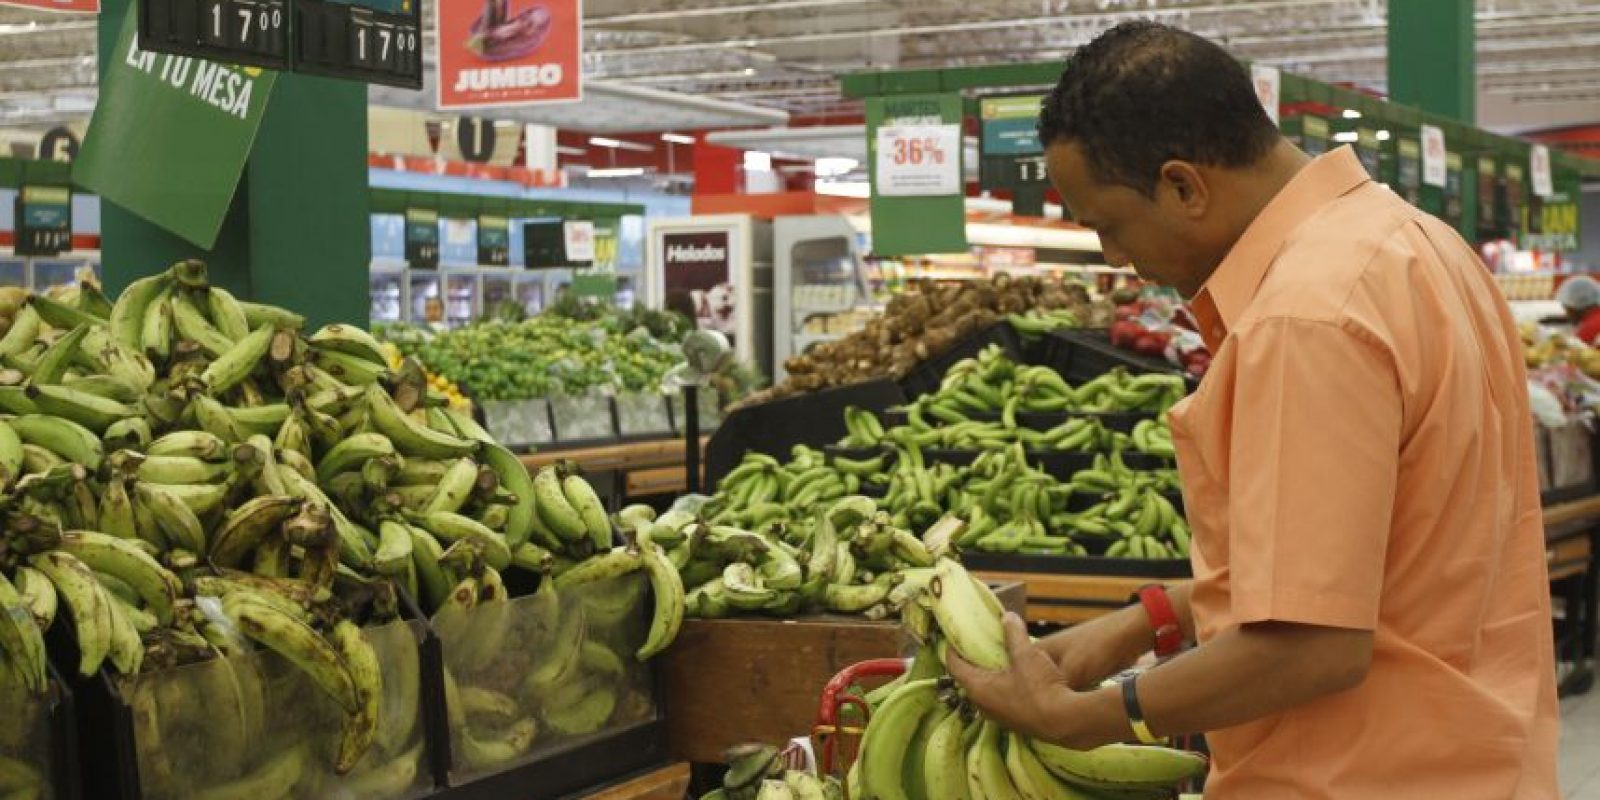 El plátano es un producto de primera necesidad de la población dominicana. Foto:Roberto Guzmán